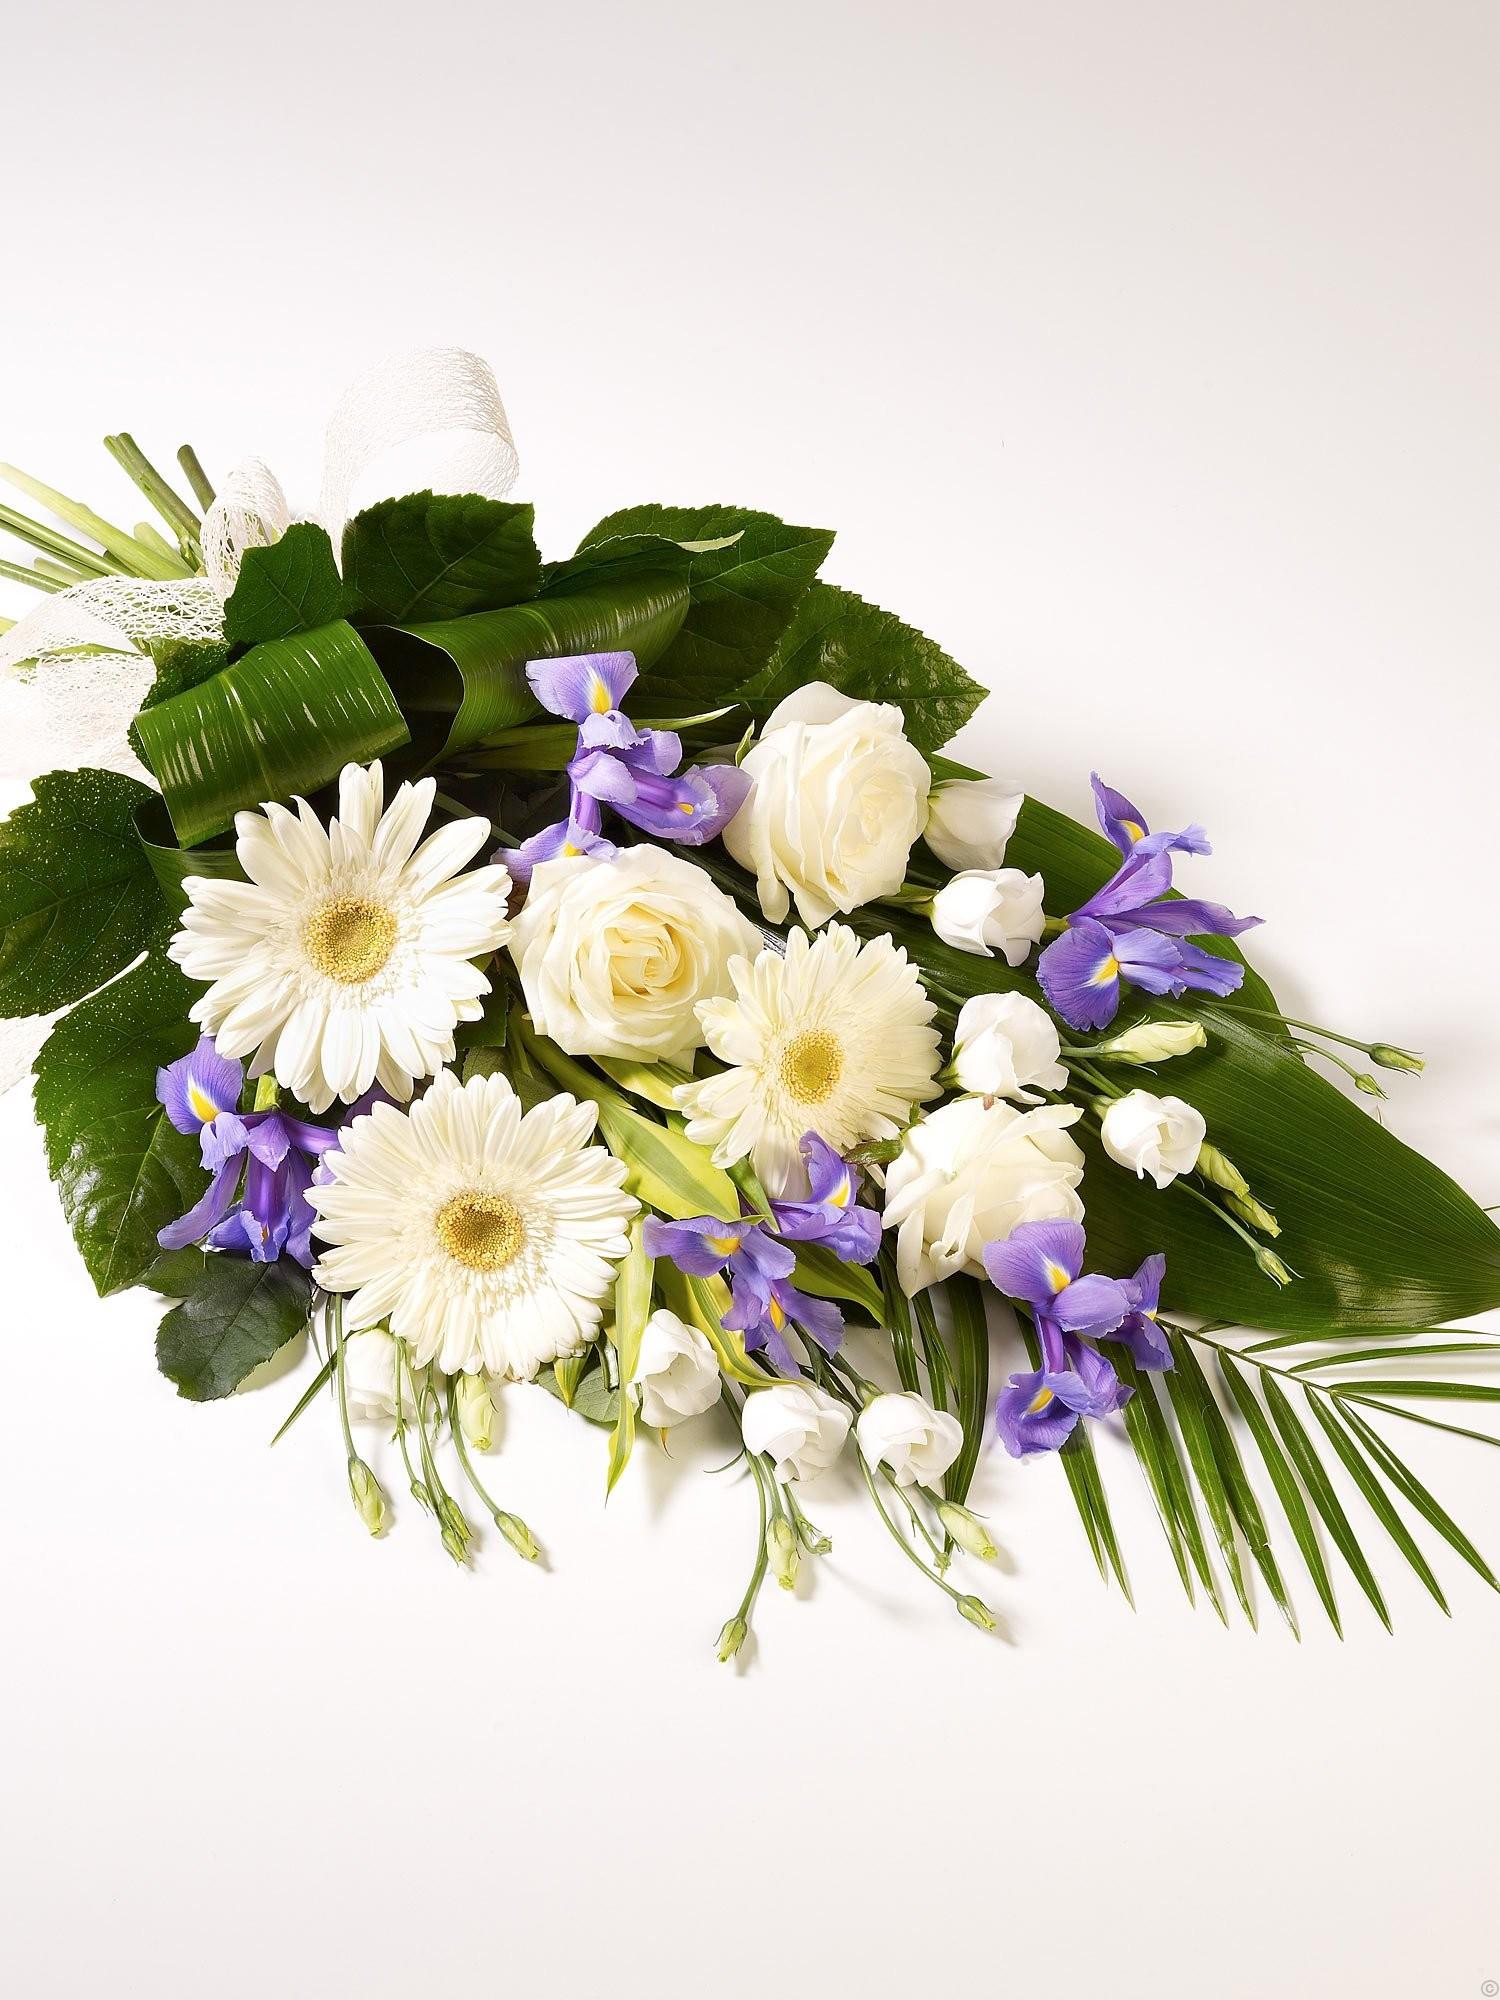 Доставка цветов по соколу — 12